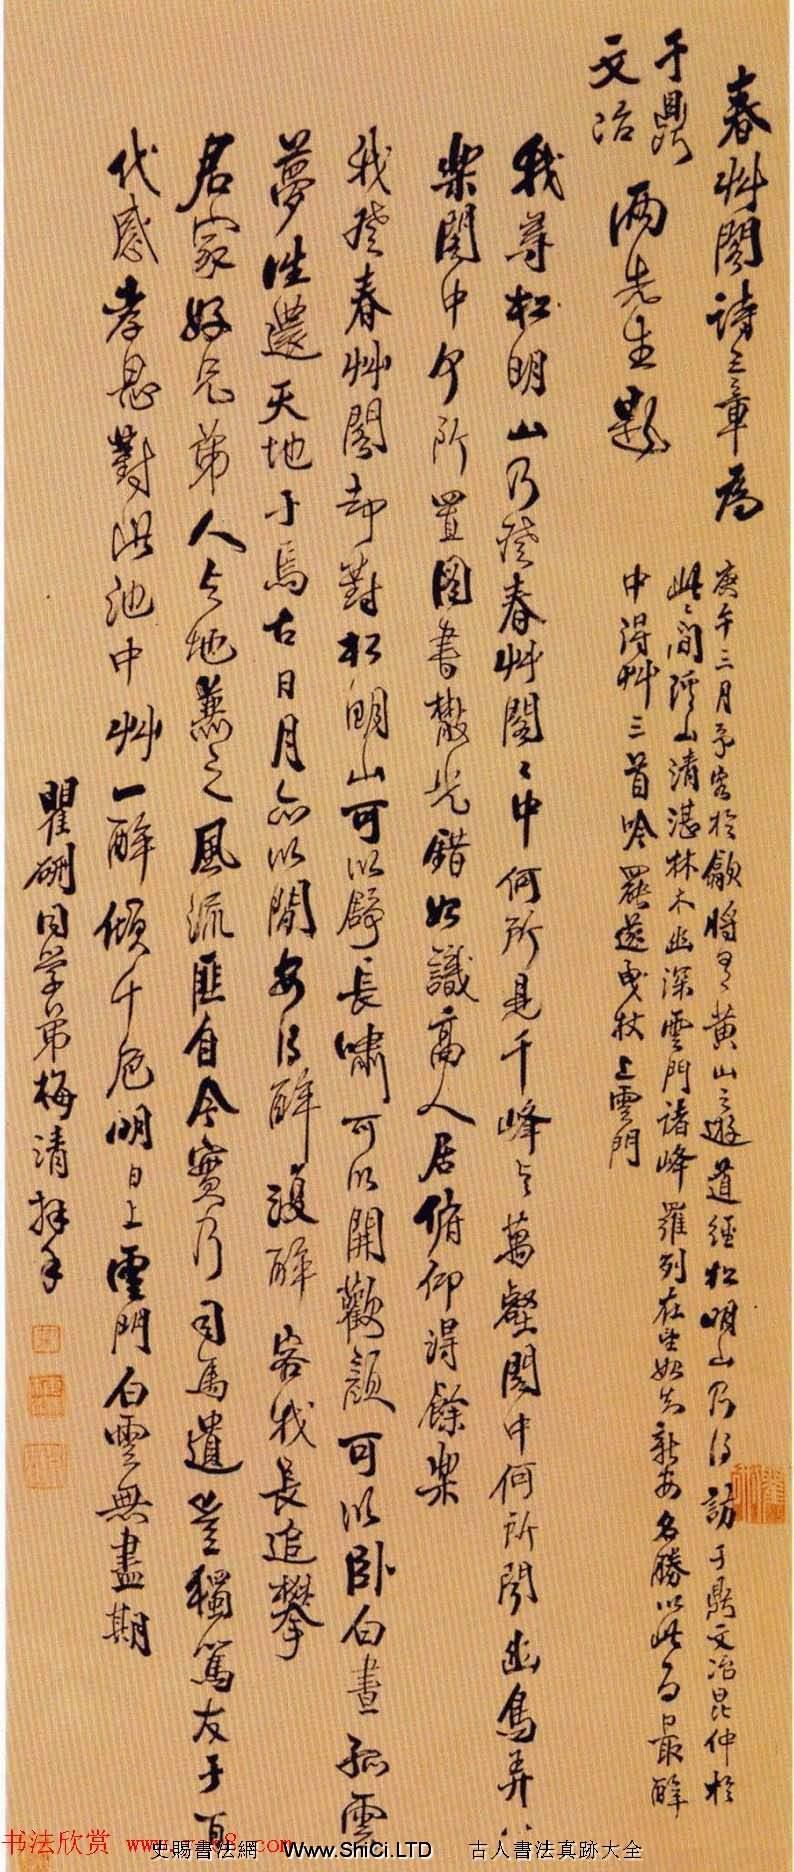 黃山畫派代表梅清書法墨跡賞析(共2張圖片)